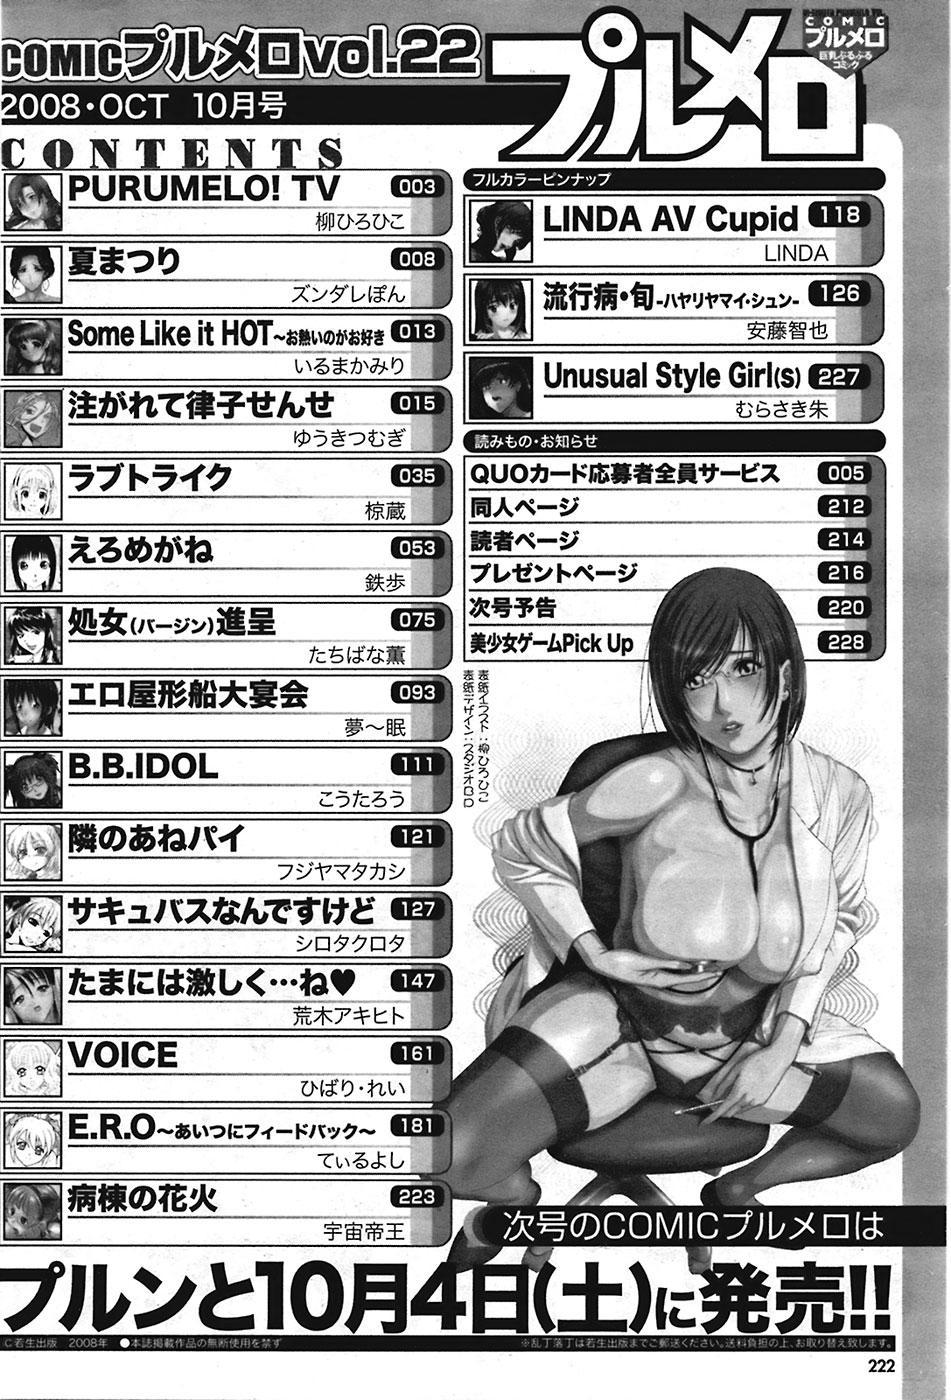 Comic Purumelo 2008-10 Vol.22 221